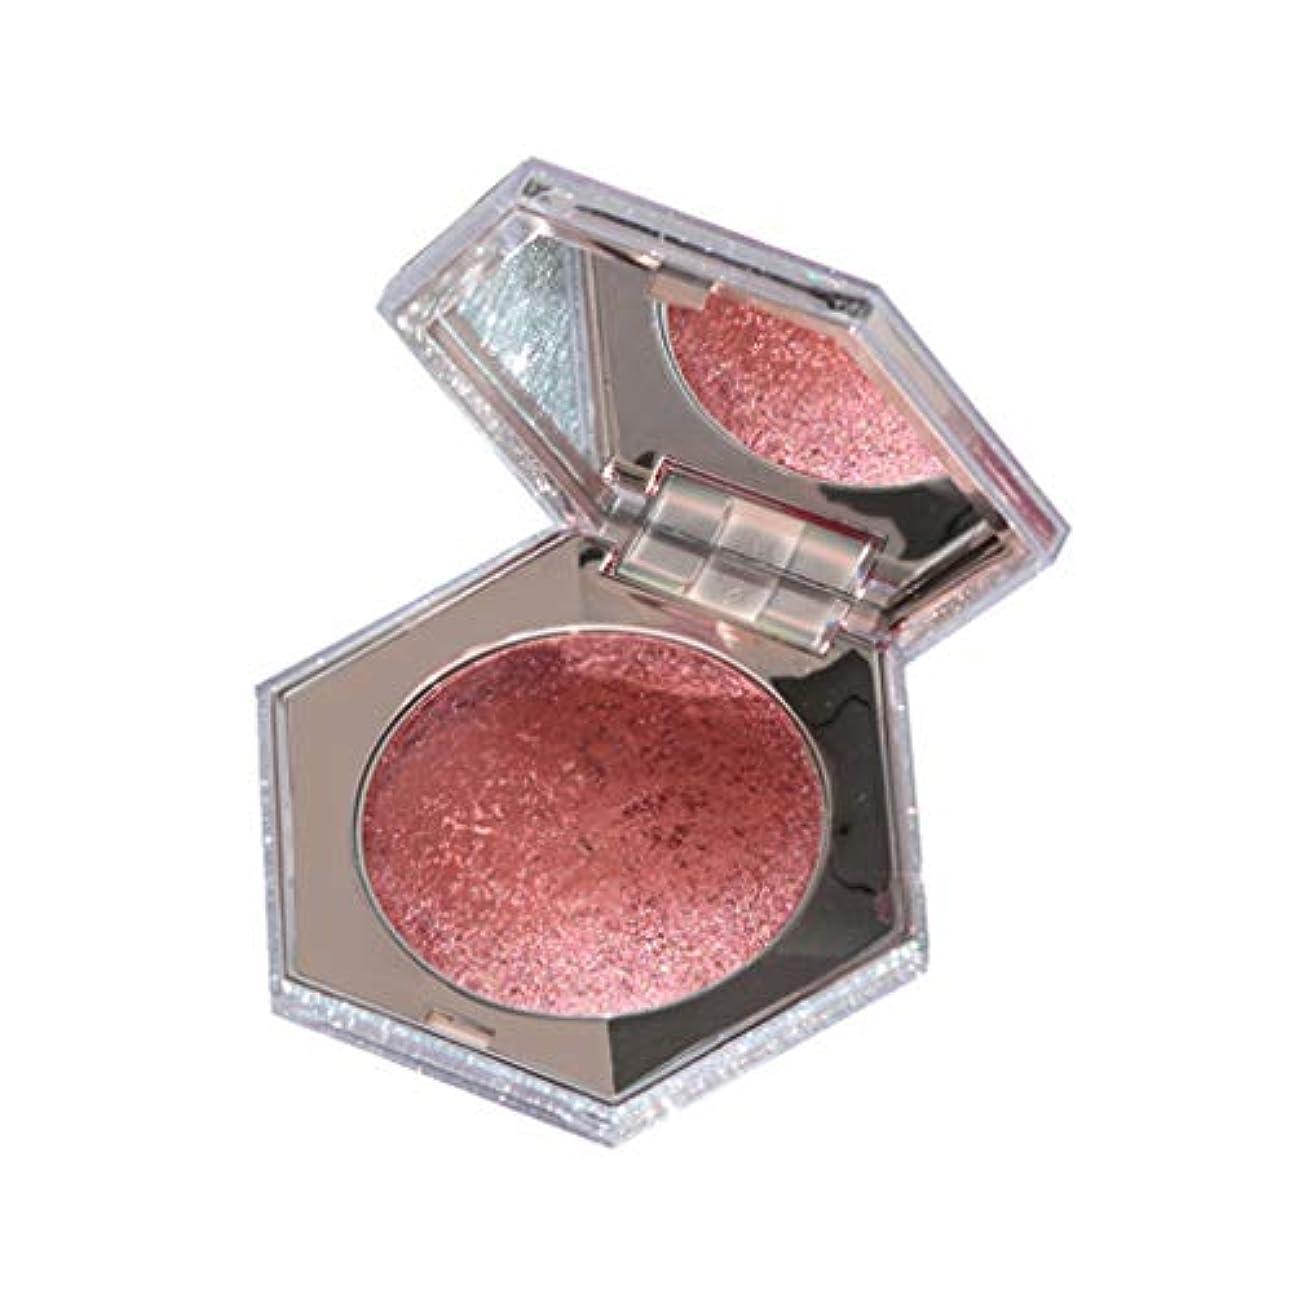 共役打倒地平線Dream ハイライト 女性の輪郭の粉の蛍光ペンの修理容量の軽い高い化粧品 (C)